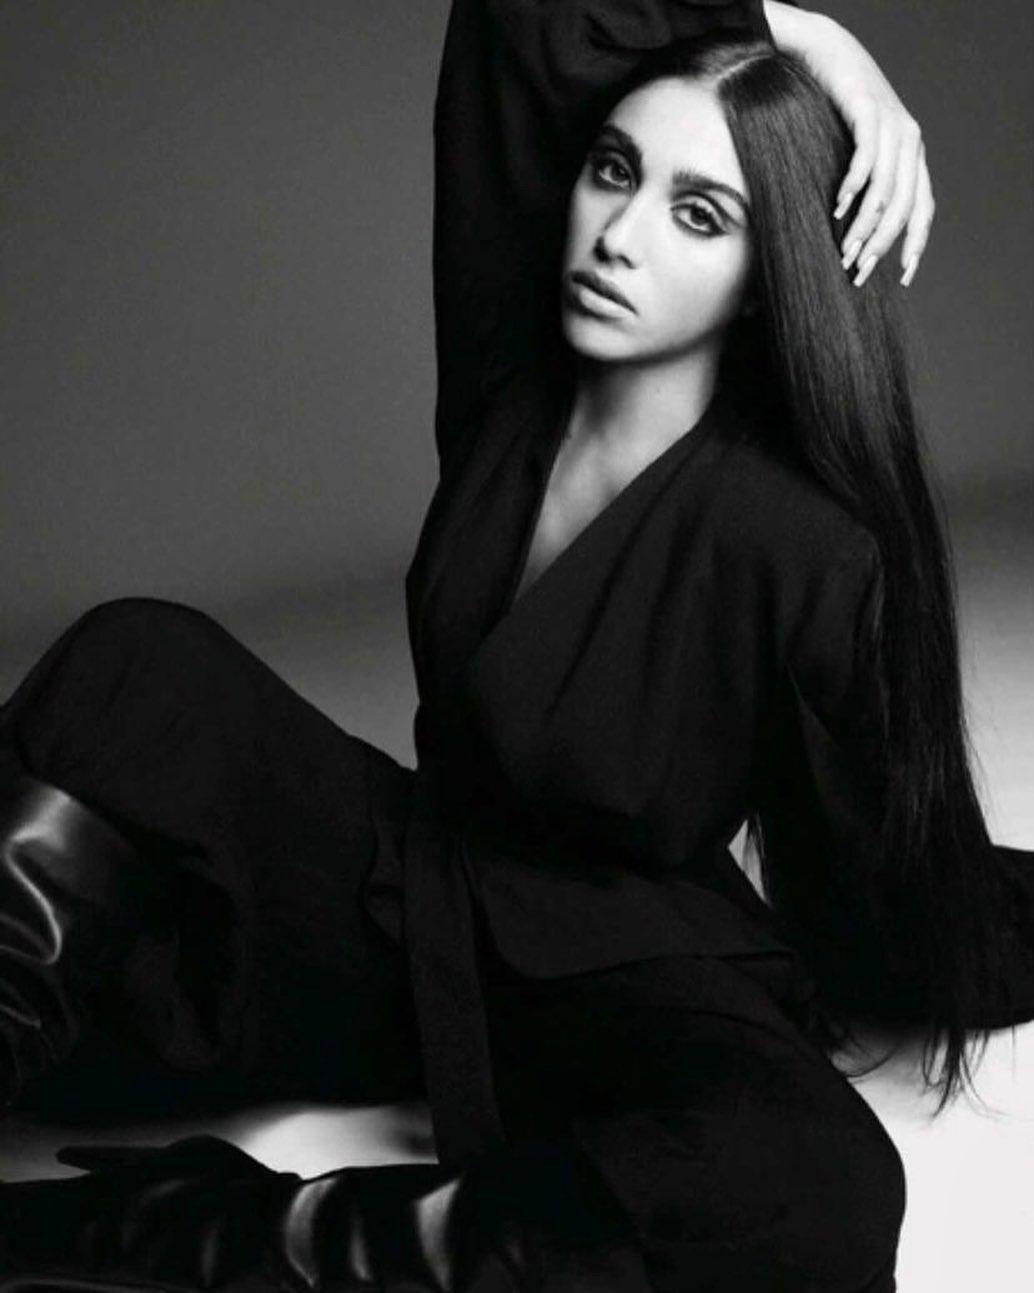 Дочь Мадонны Лурдес Леон снялась для Vogue (ФОТО) - фото №4